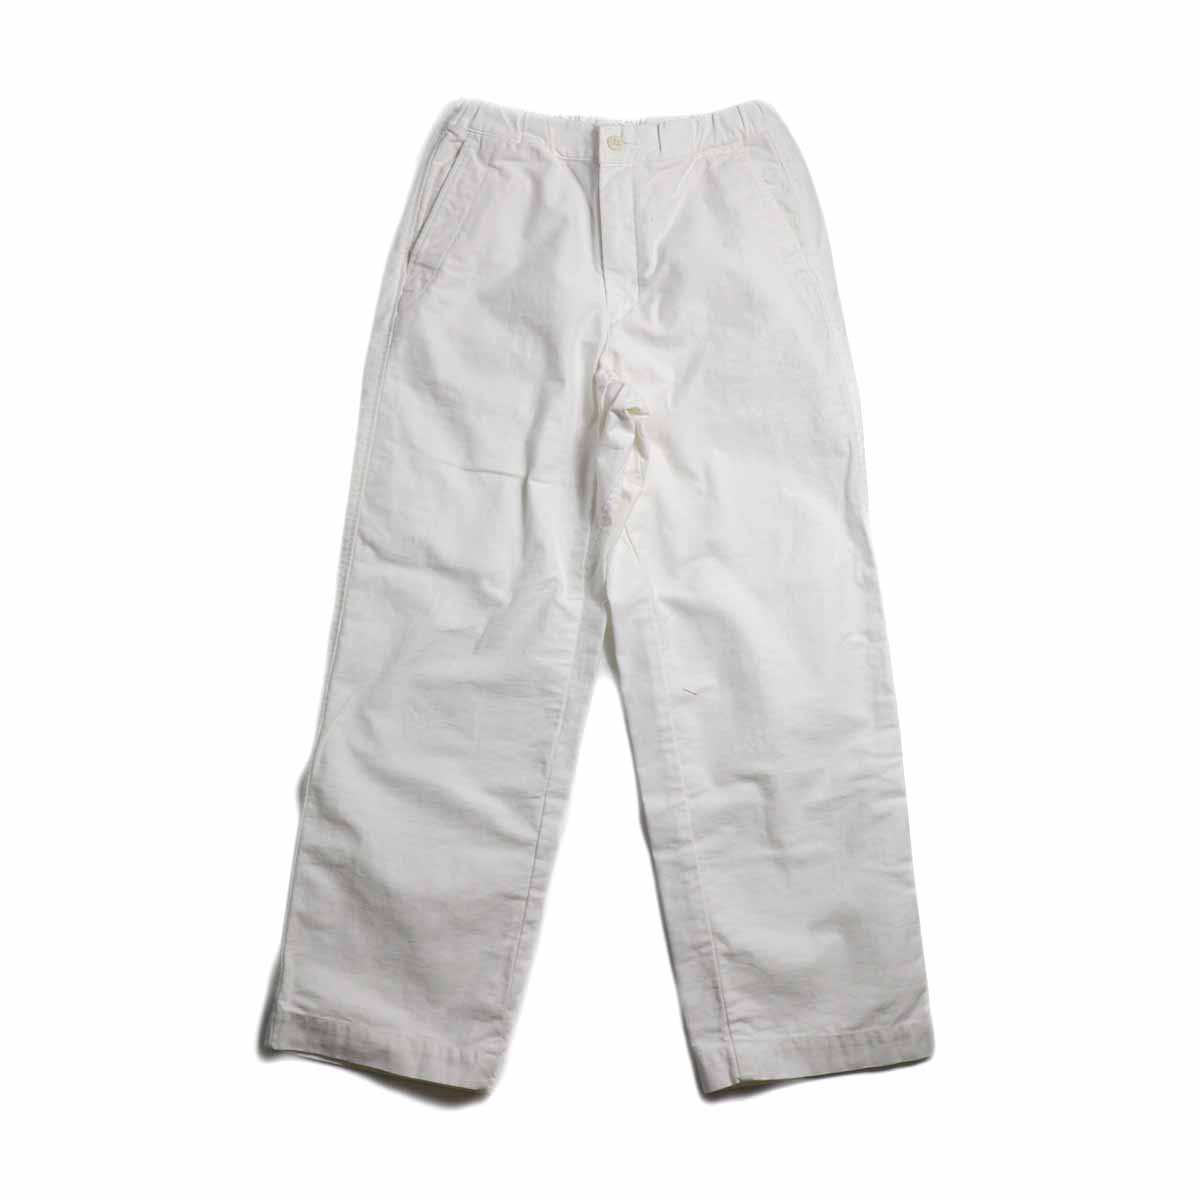 BRENA / Coq Pants -Milk